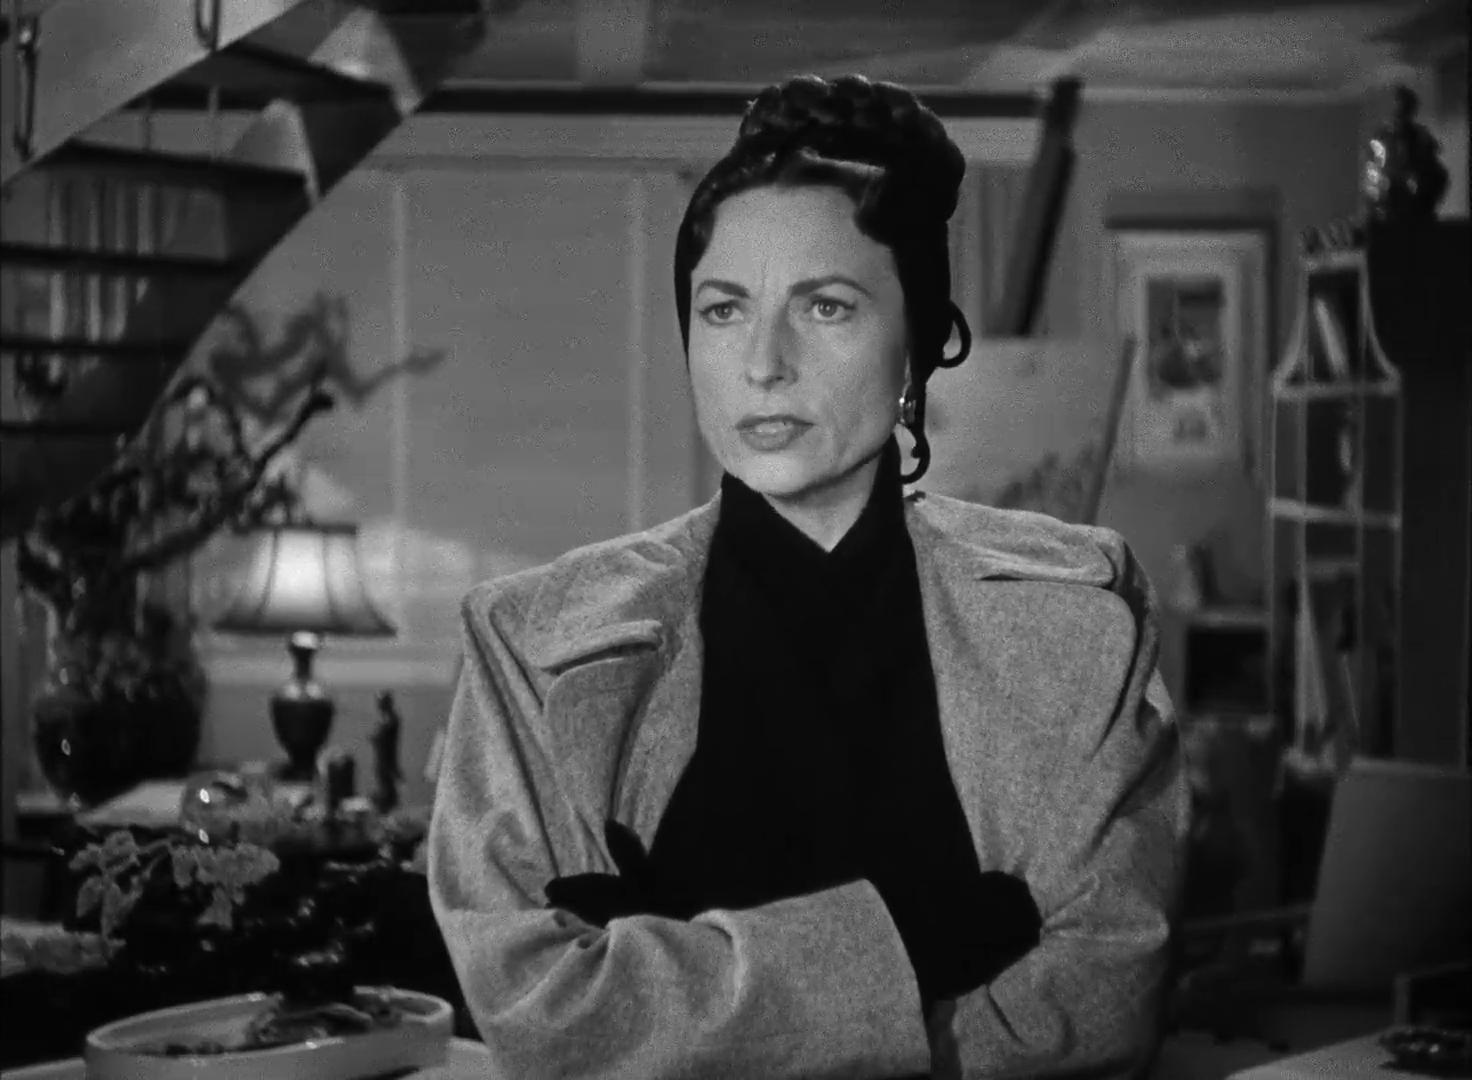 Agnes Moorehead dans Dark passage (Les passagers de la nuit, 1947) de Delmer Daves